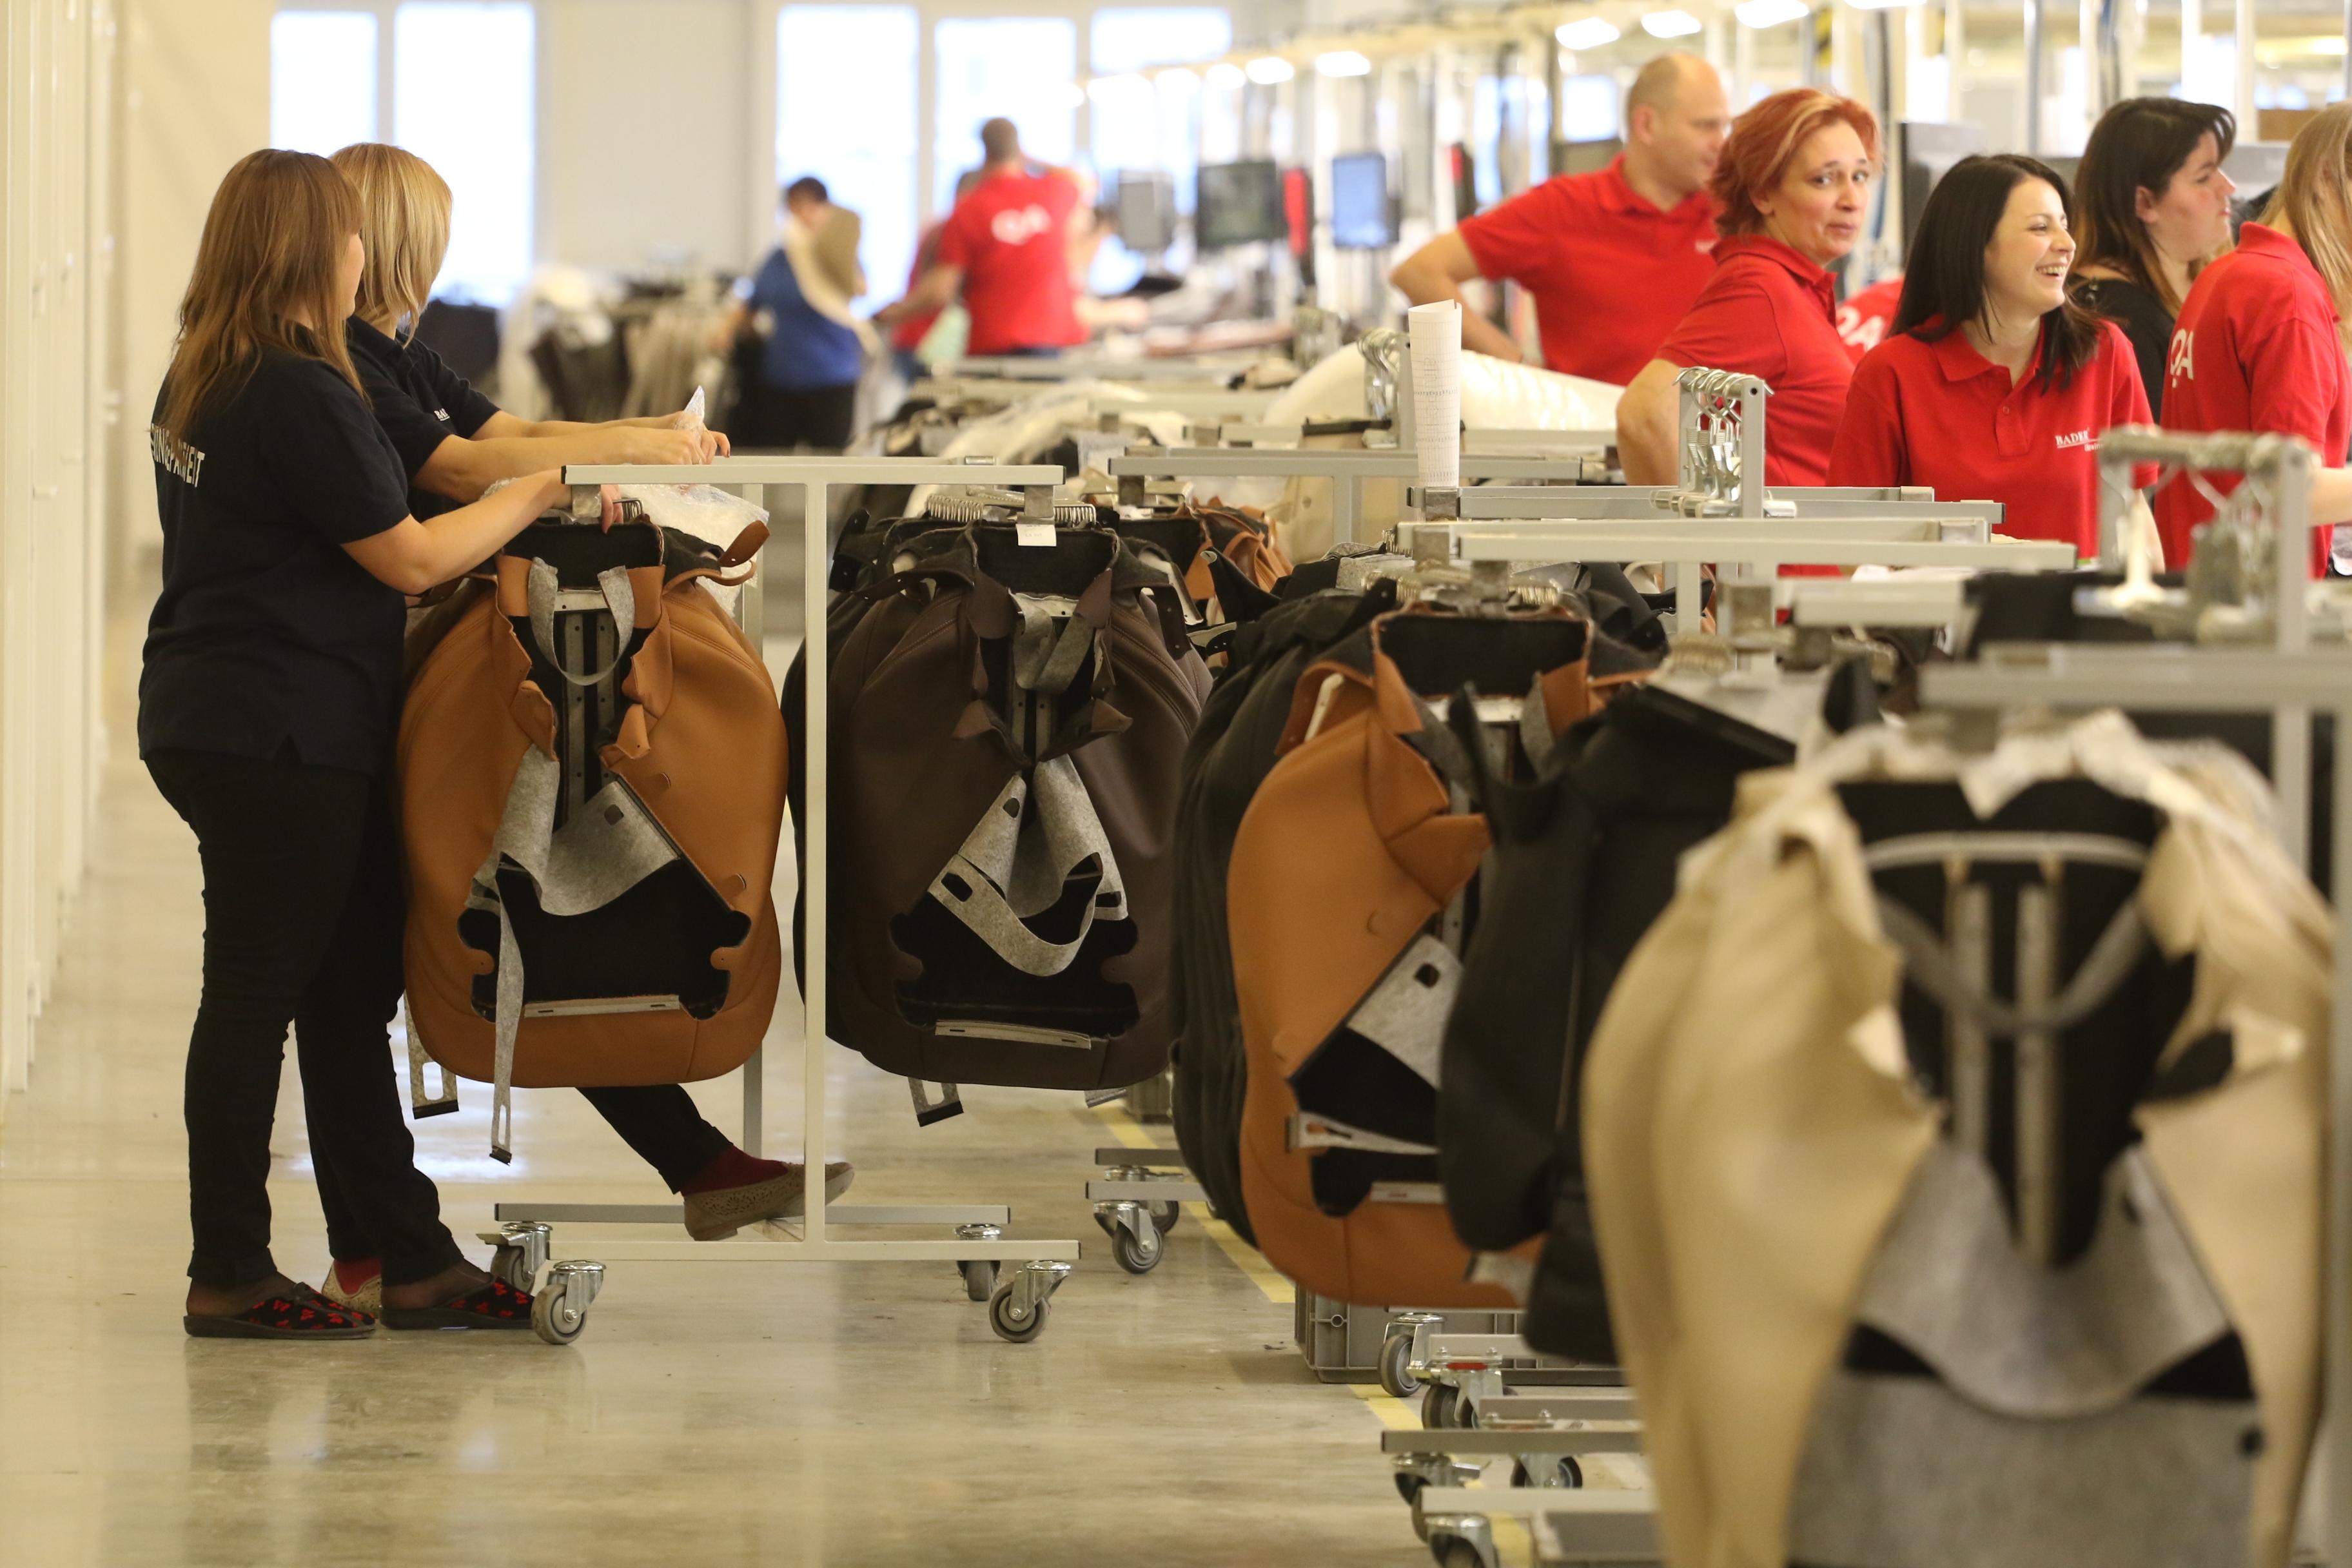 Завод з виробництва автокрісел в Чехії! Потрібні жінки!